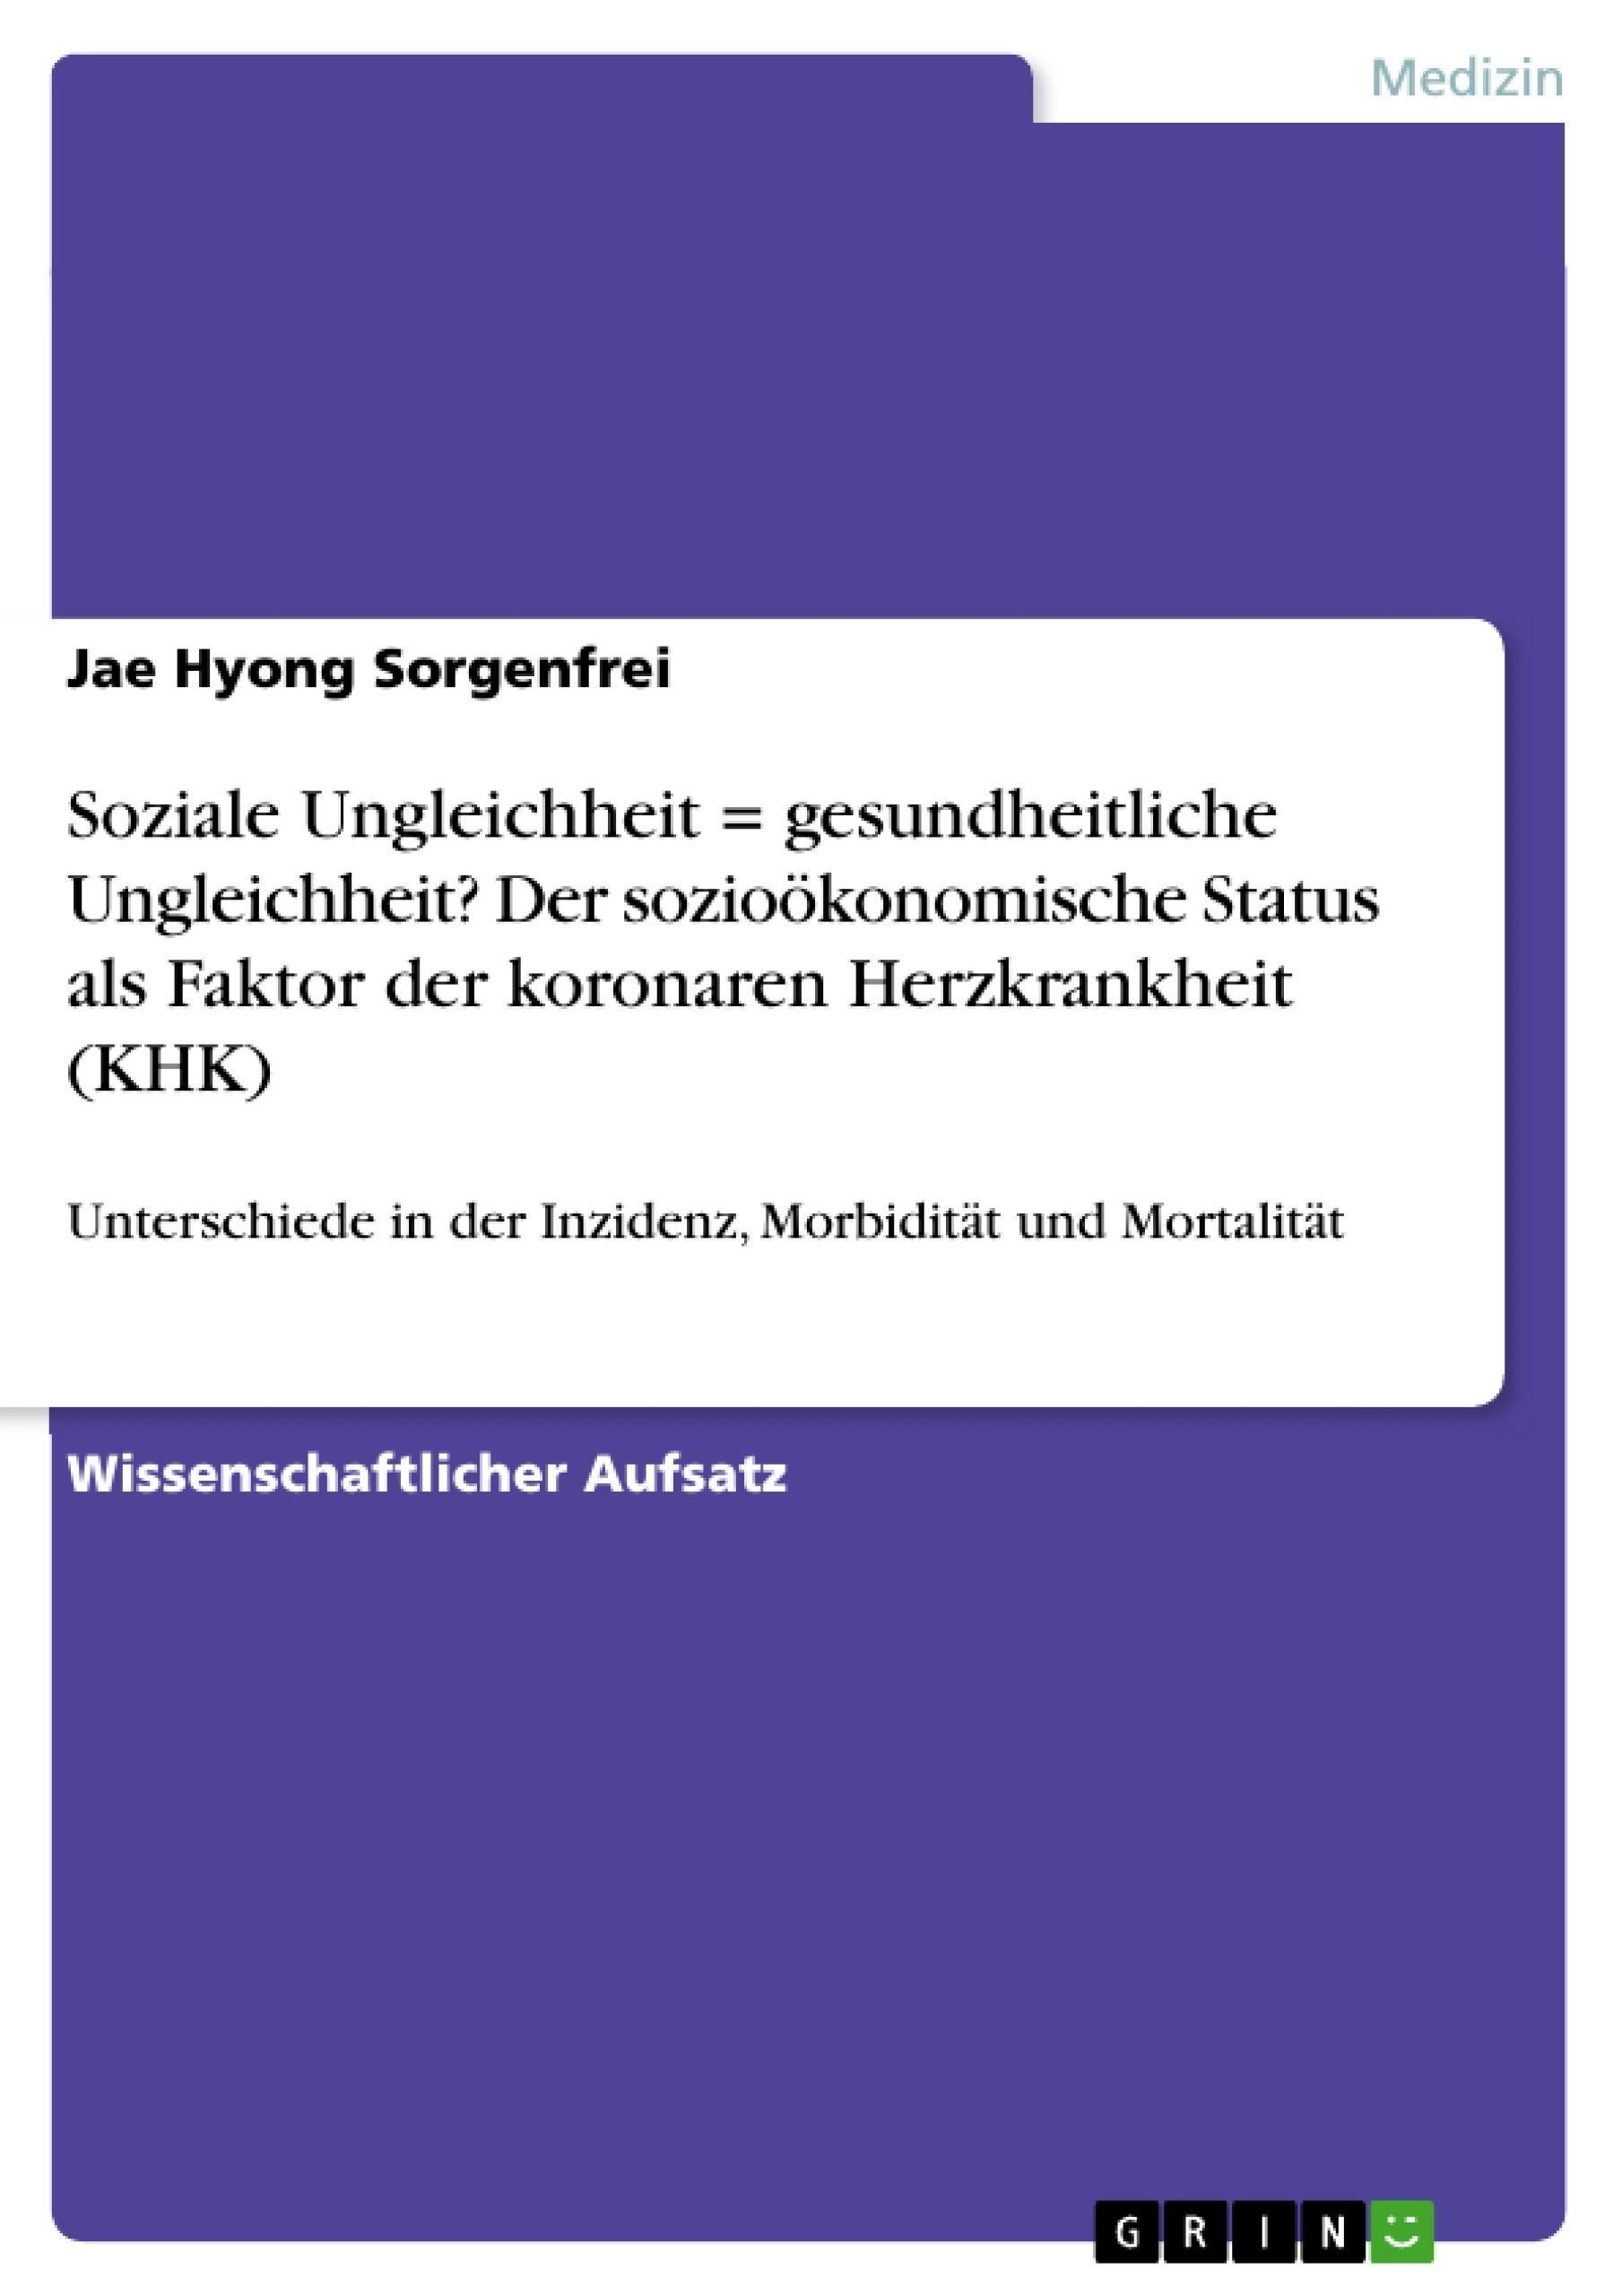 Titel: Soziale Ungleichheit = gesundheitliche Ungleichheit? Der sozioökonomische Status als Faktor der koronaren Herzkrankheit (KHK)